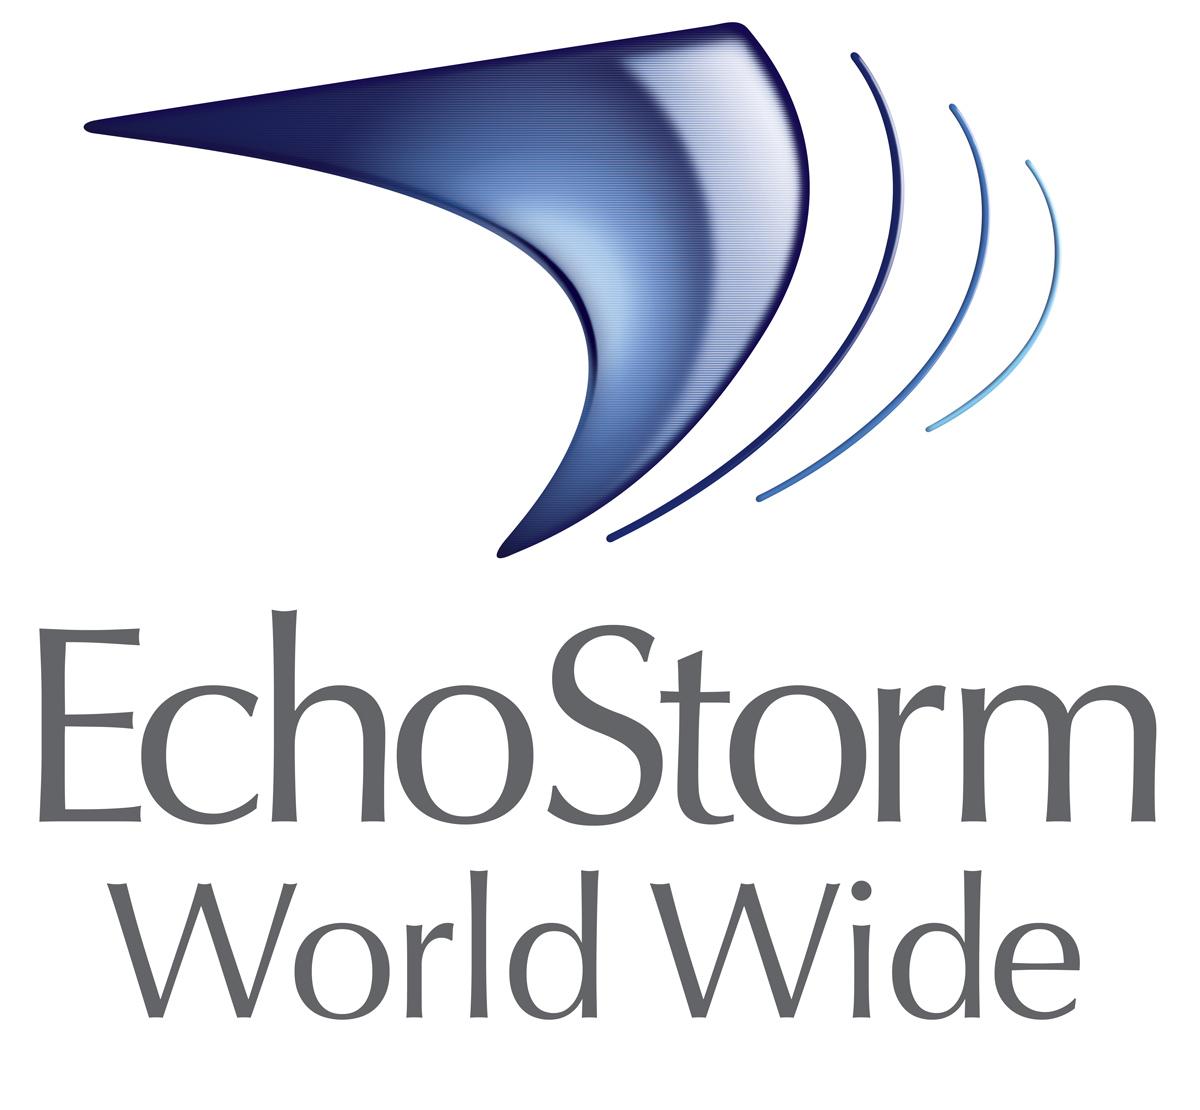 EchoStorm